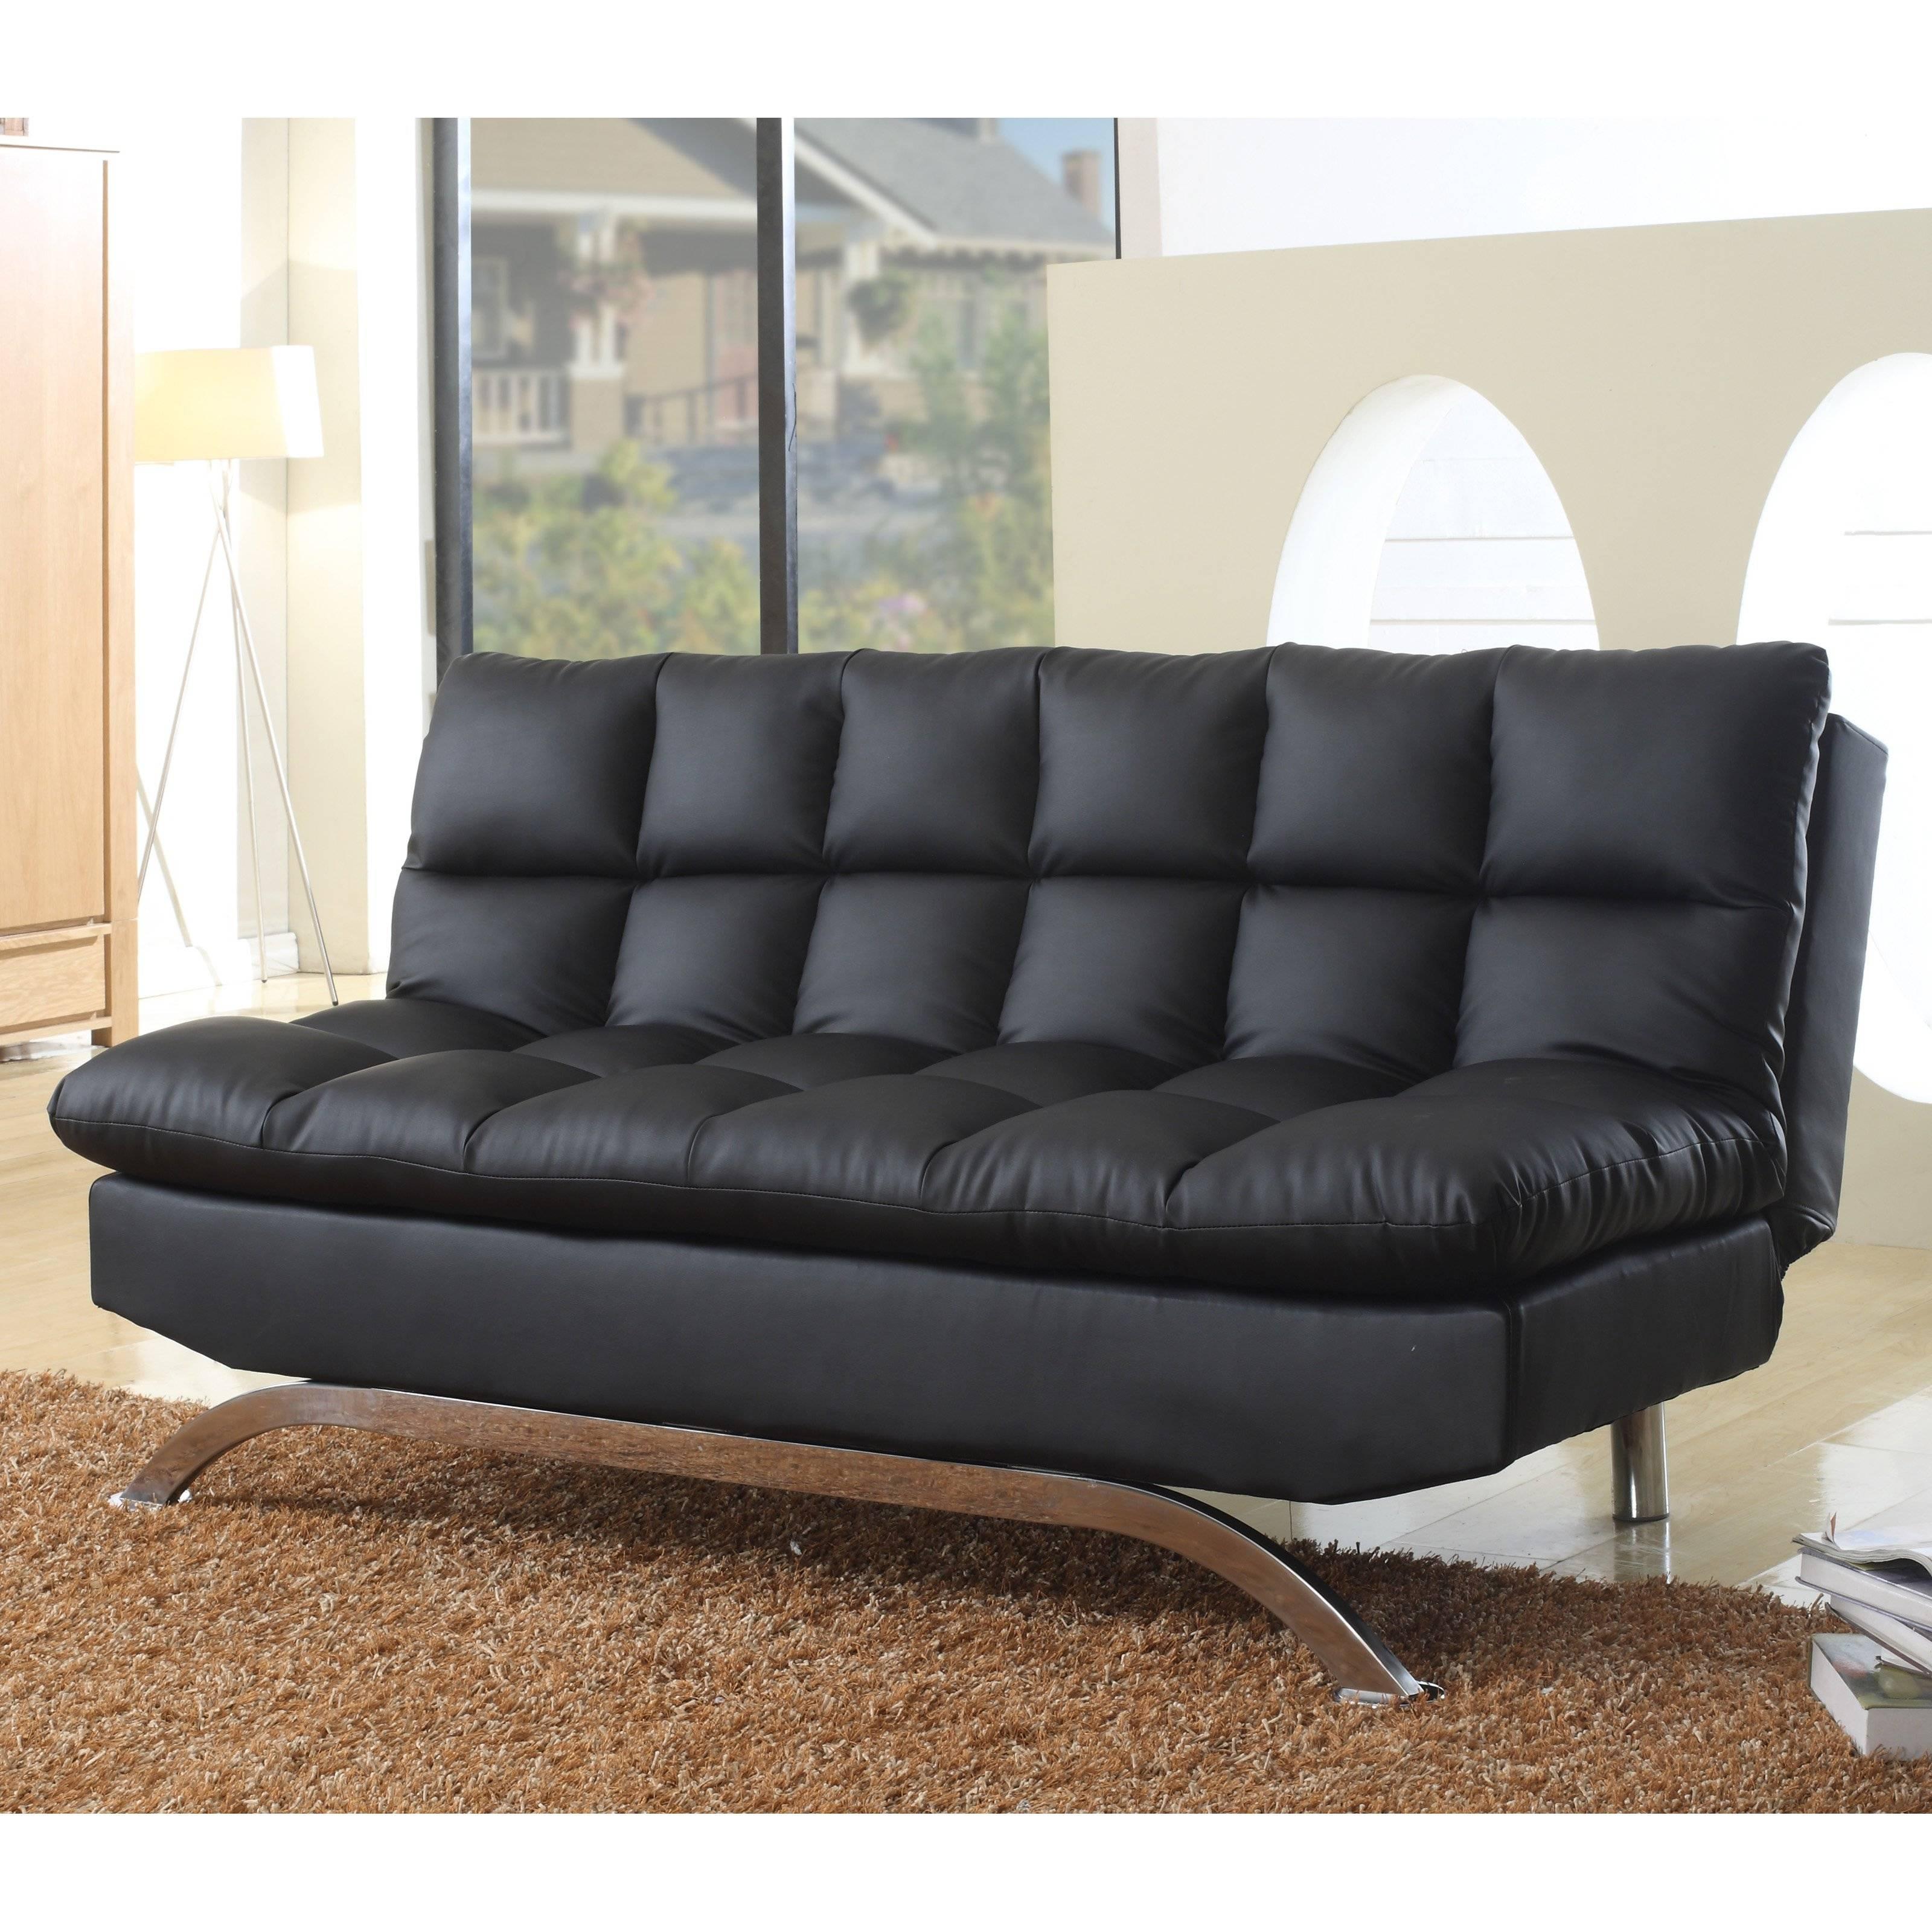 Milton Green Lugo Plush Futon Sofa Bed | Hayneedle within Leather Fouton Sofas (Image 12 of 15)